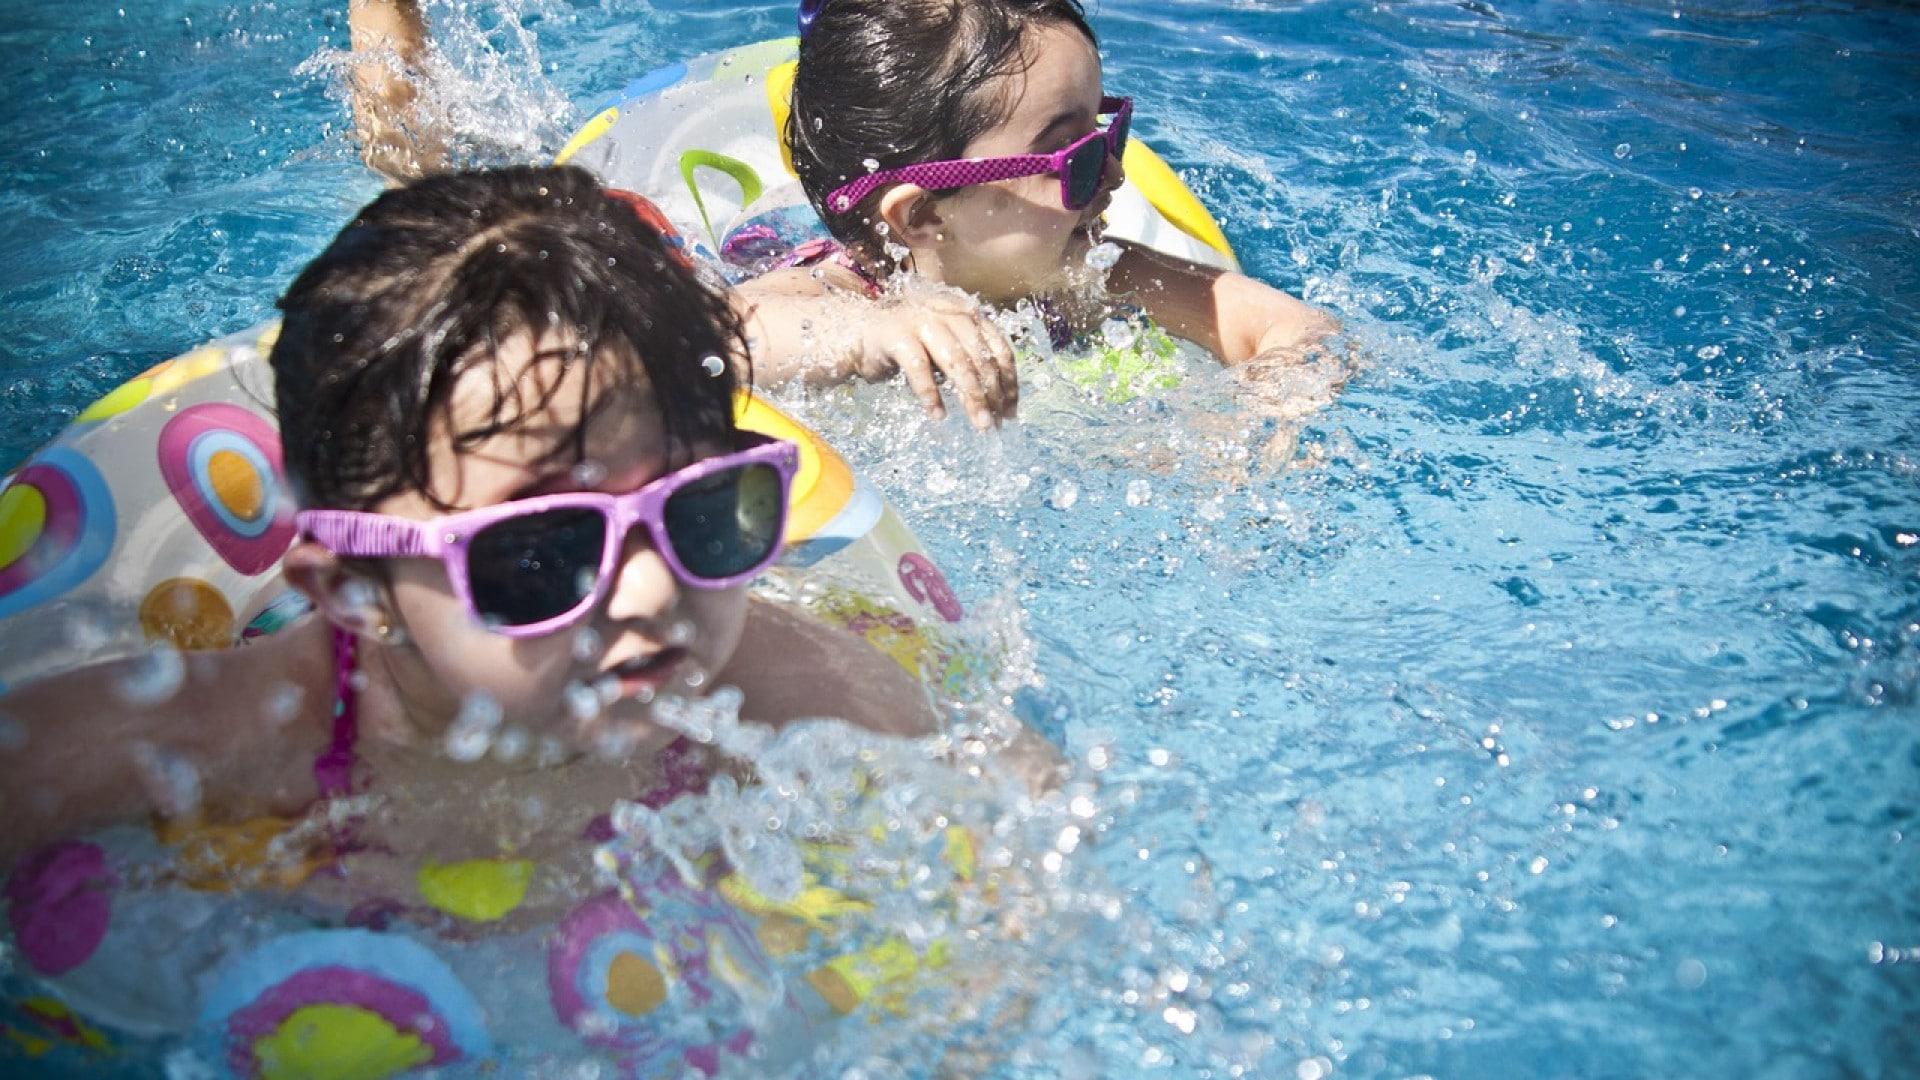 Vivez des instants exceptionnels dans votre piscine